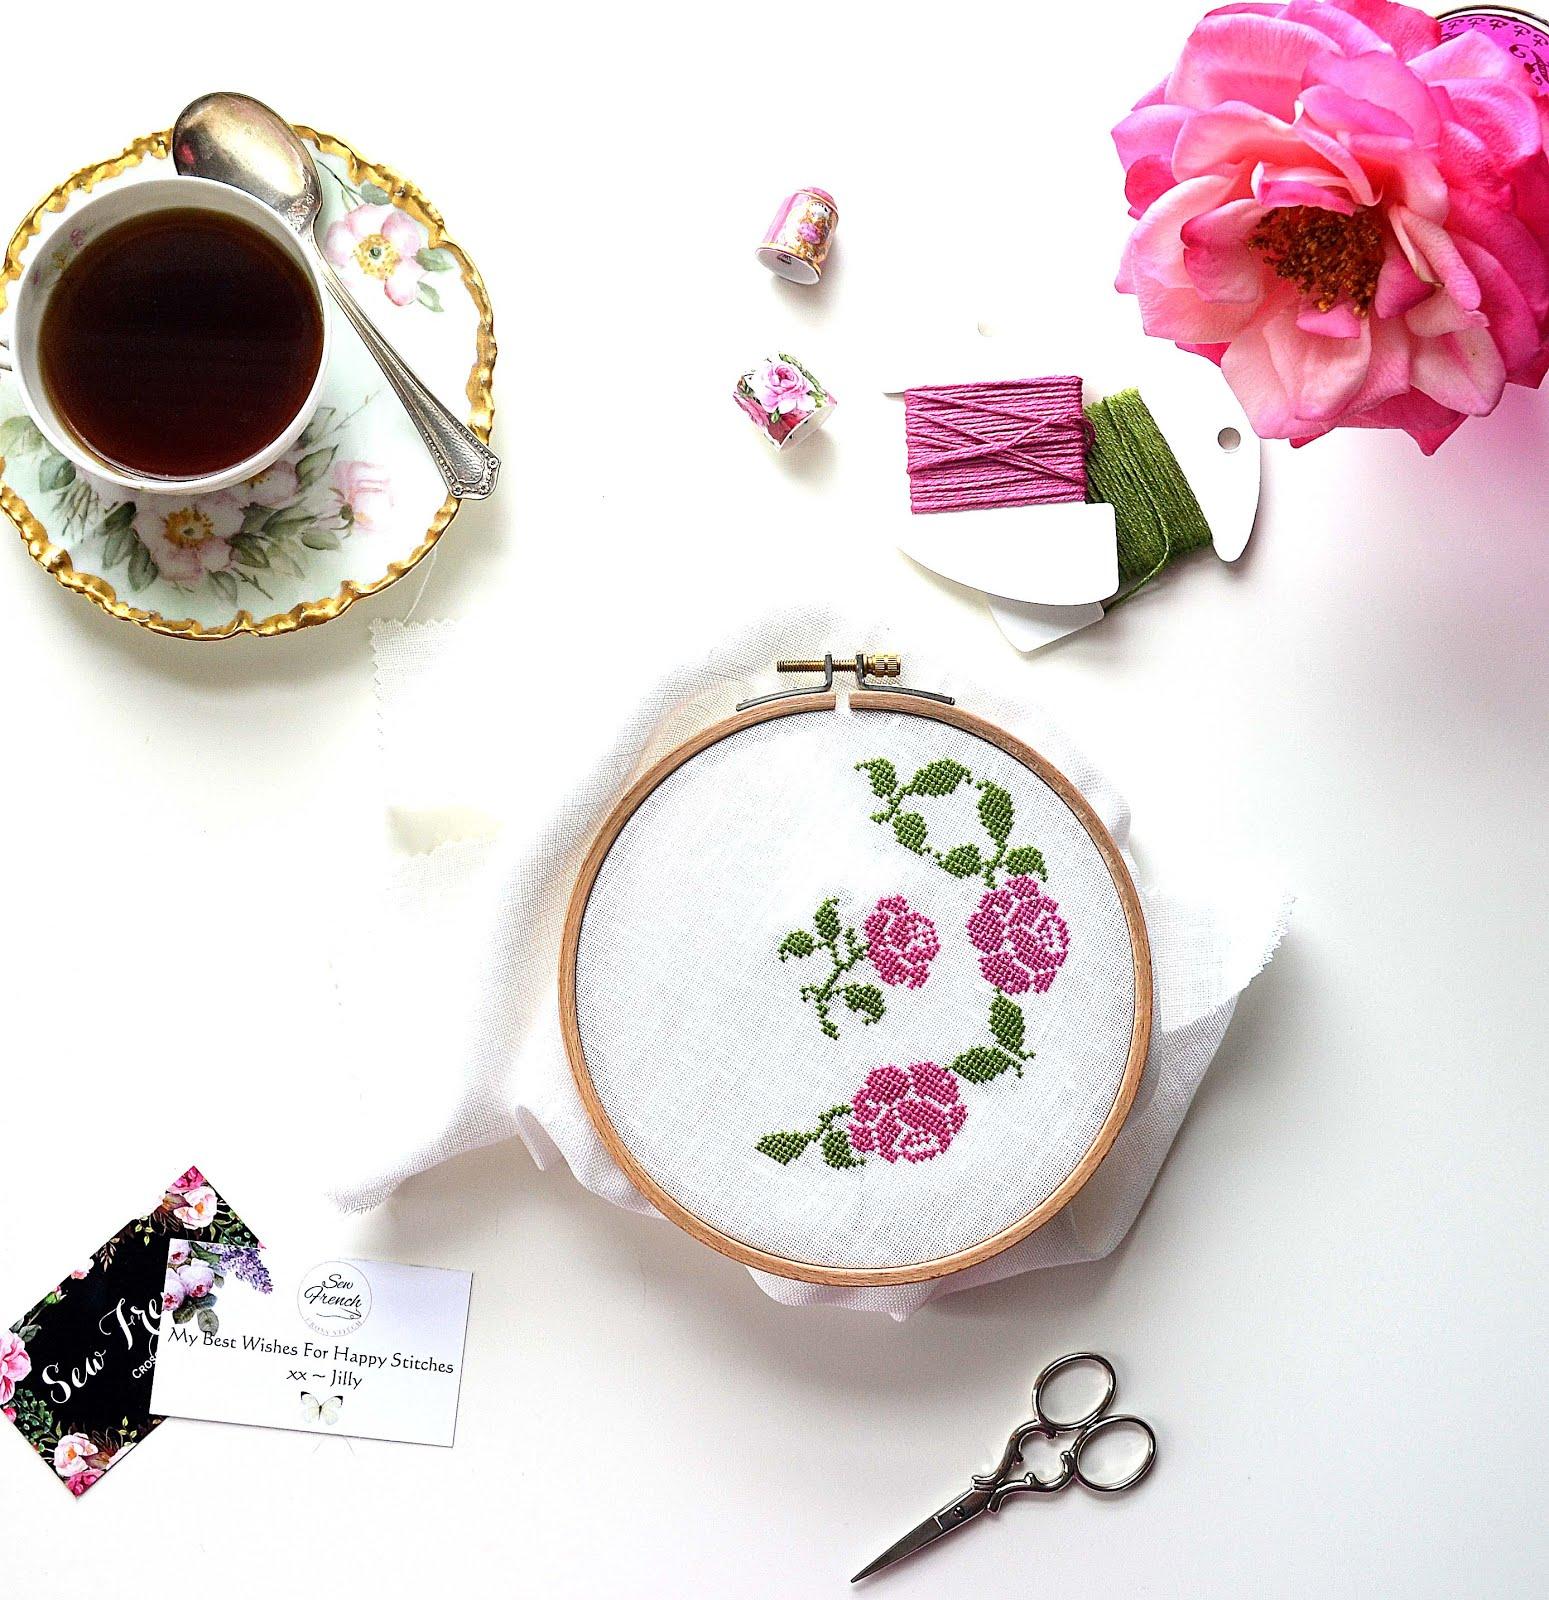 Stitching My Next Pattern